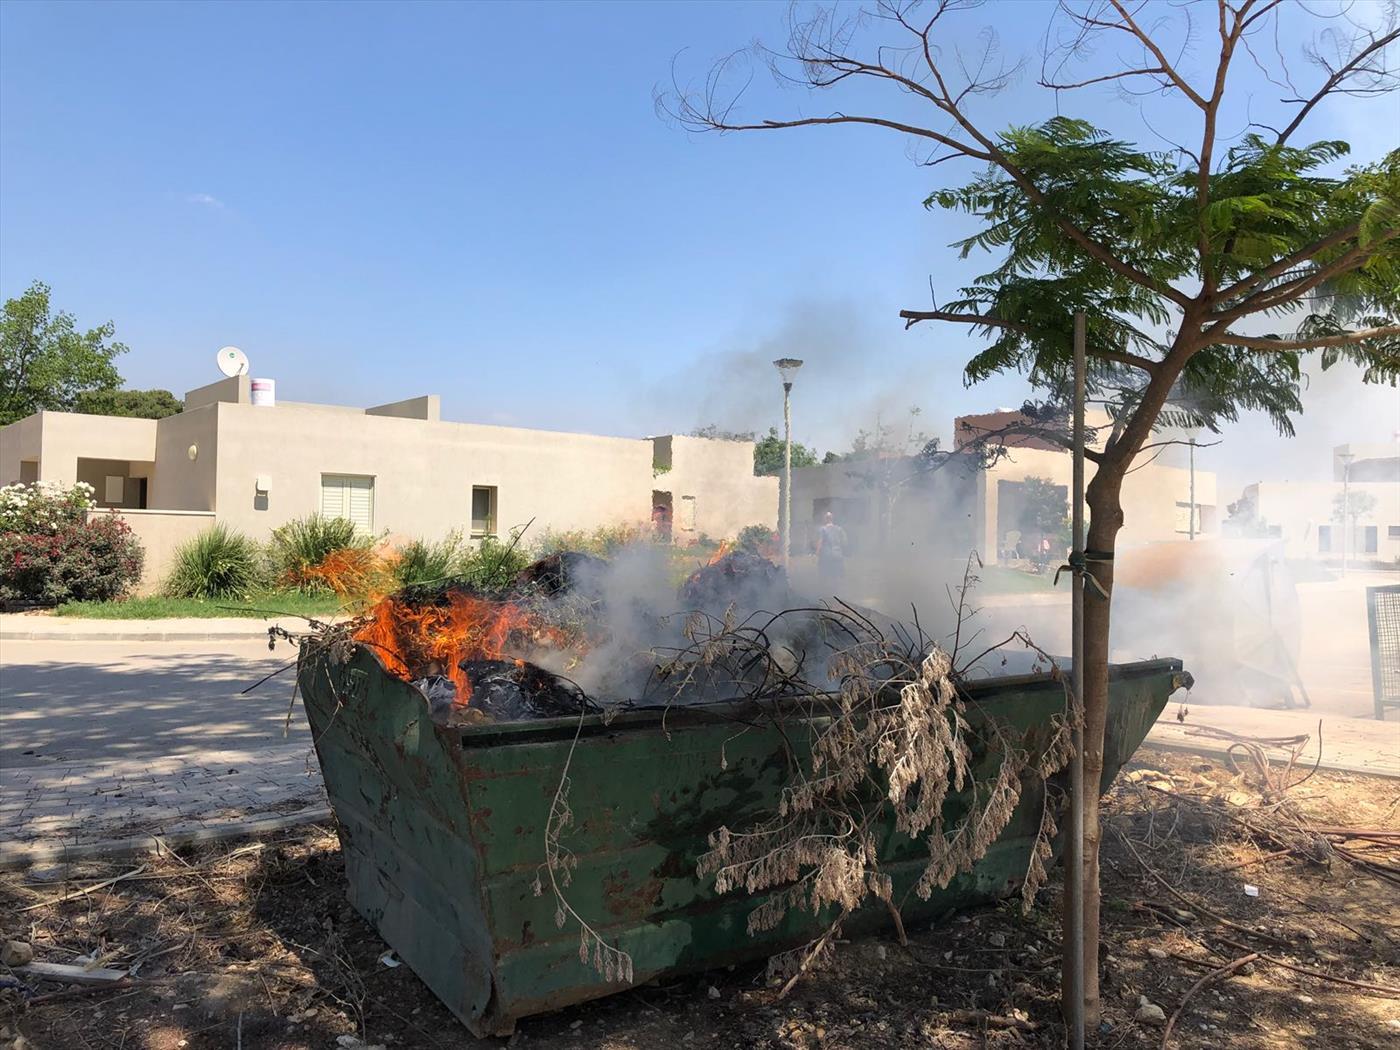 שריפה שפרצה כתוצאה מעפיפון תבערה בישוב בעוטף עזה (צילום: אושרי צימר)